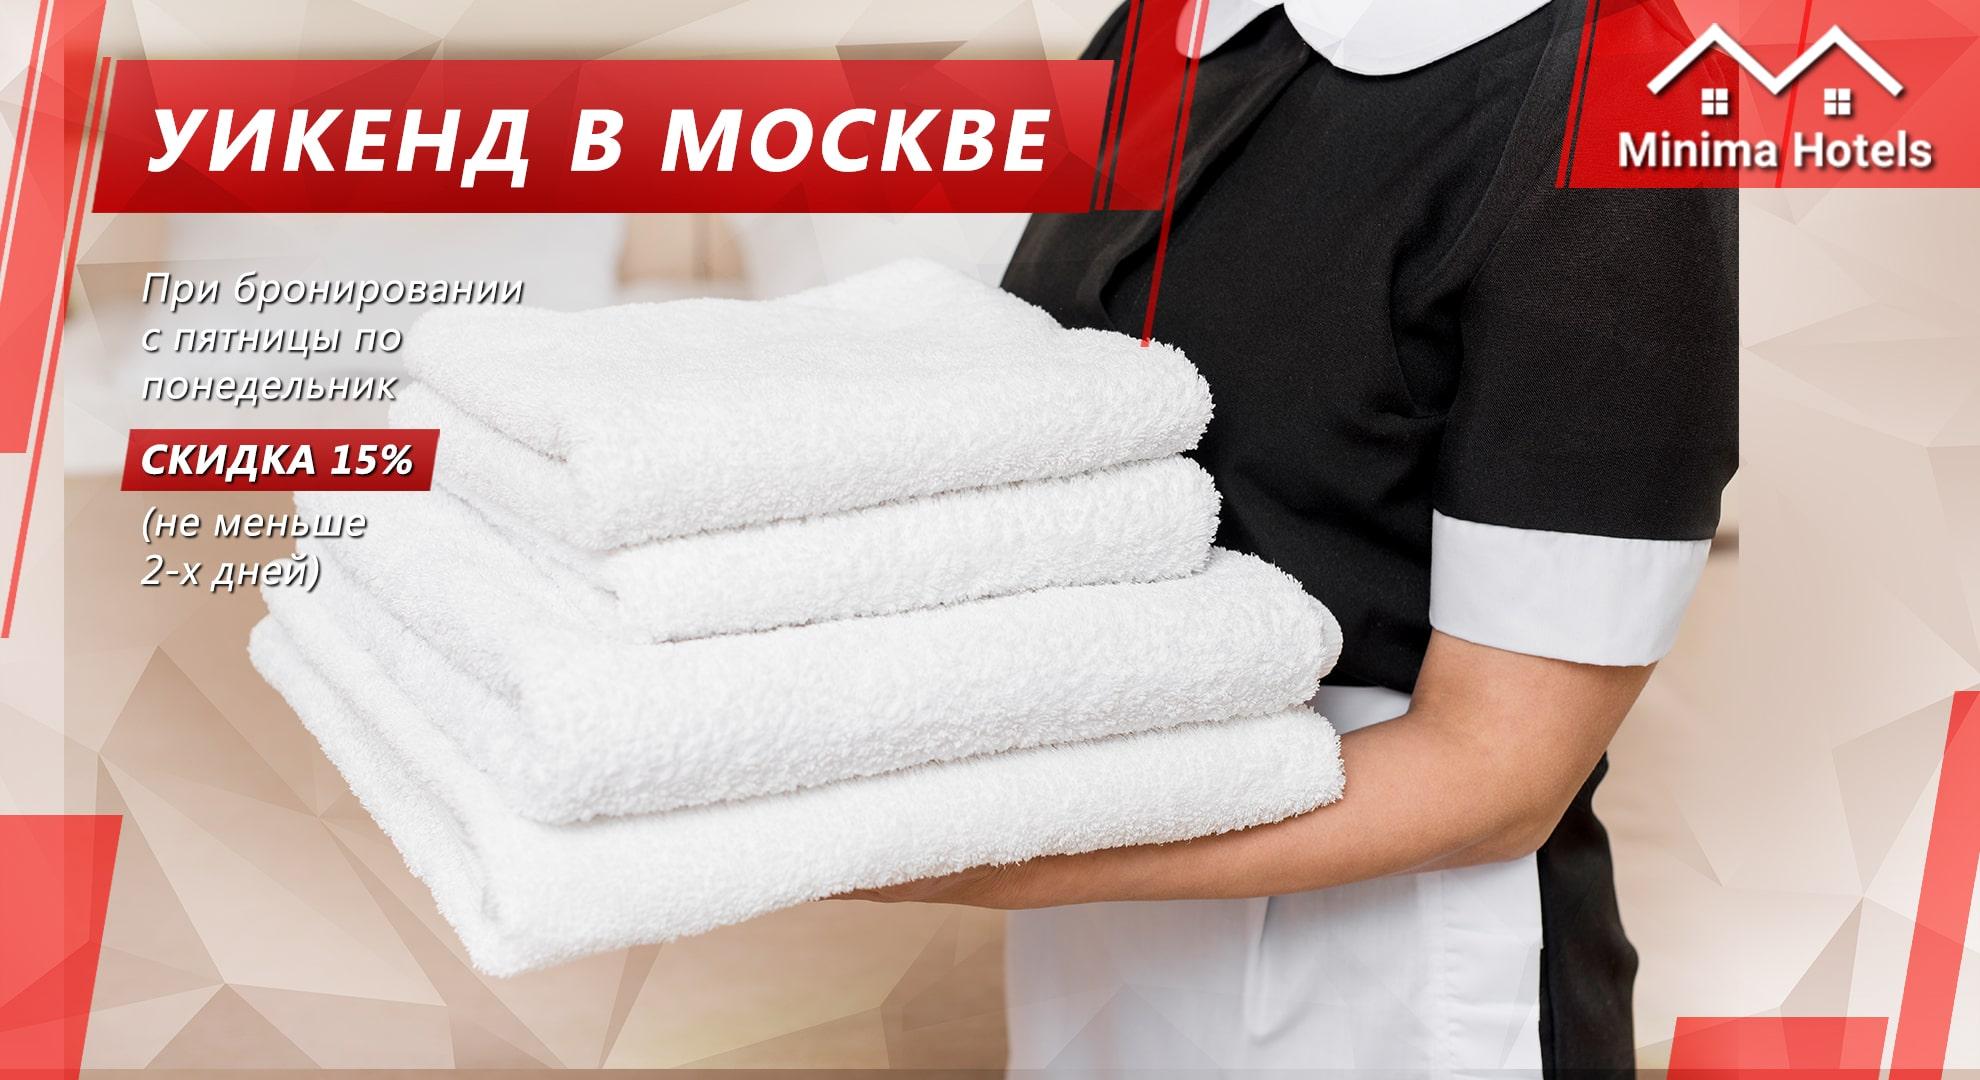 MINIMA HOTELS - Отели на час